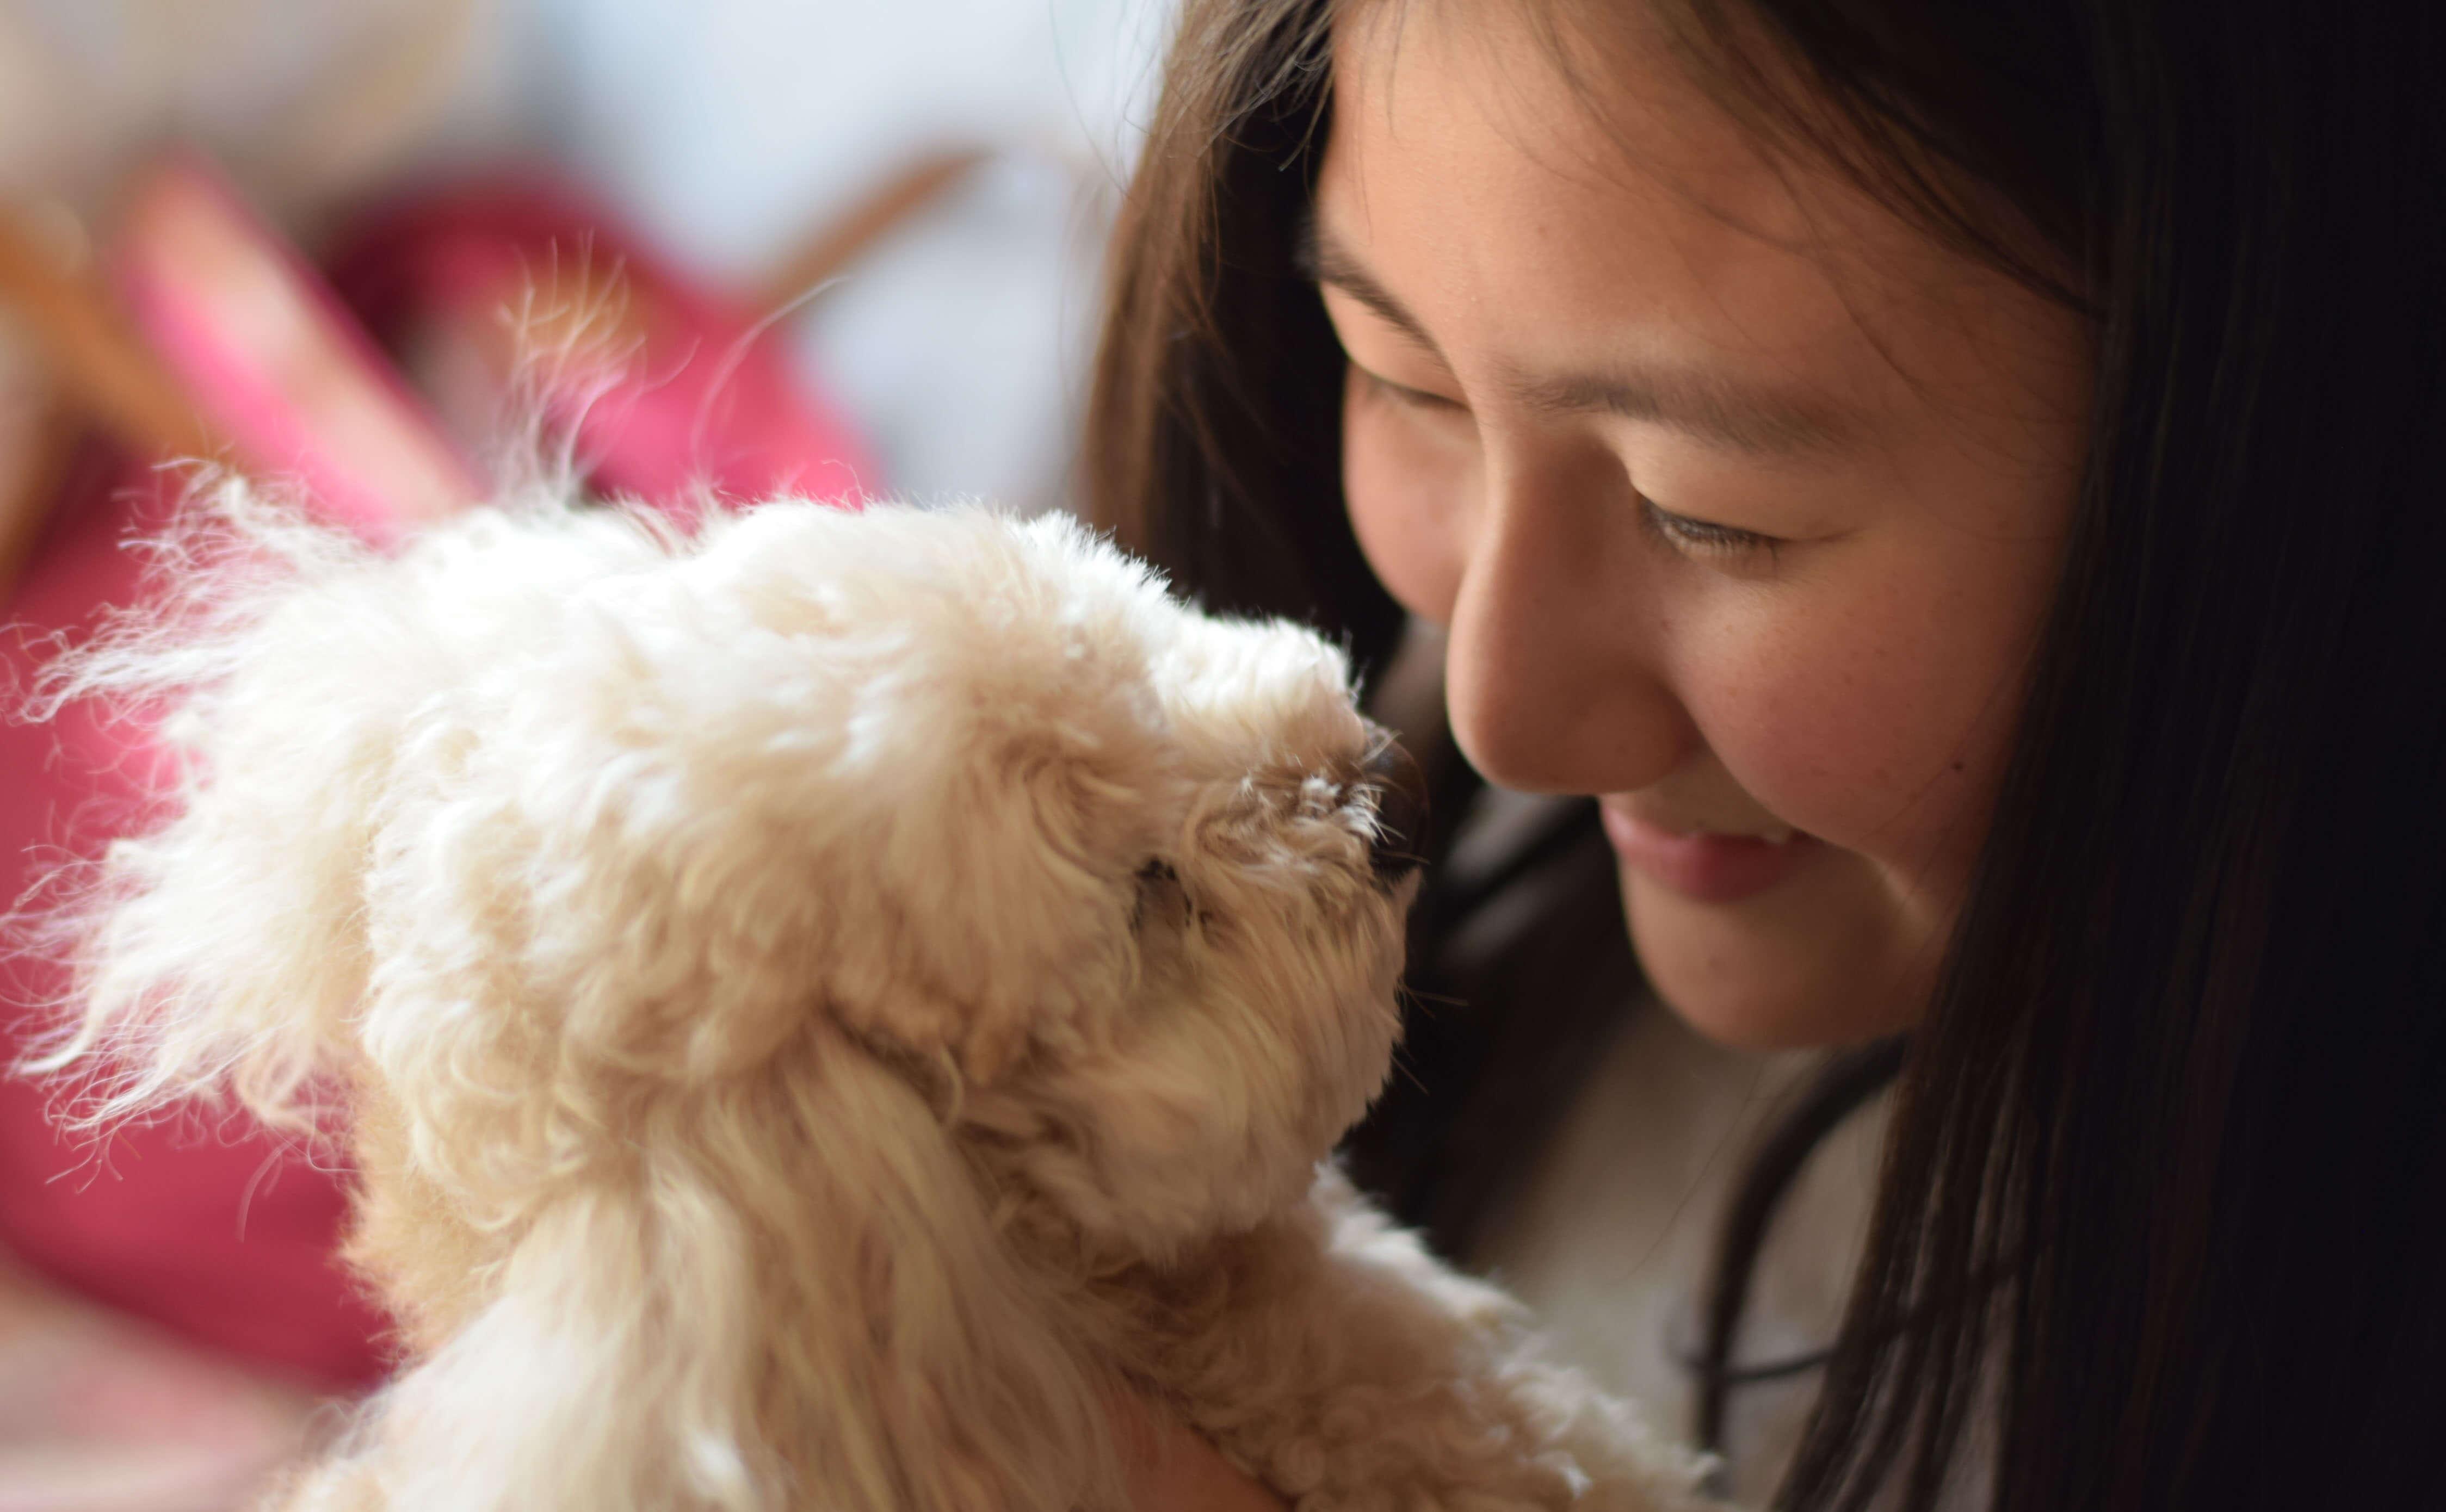 犬と向き合う女性の画像